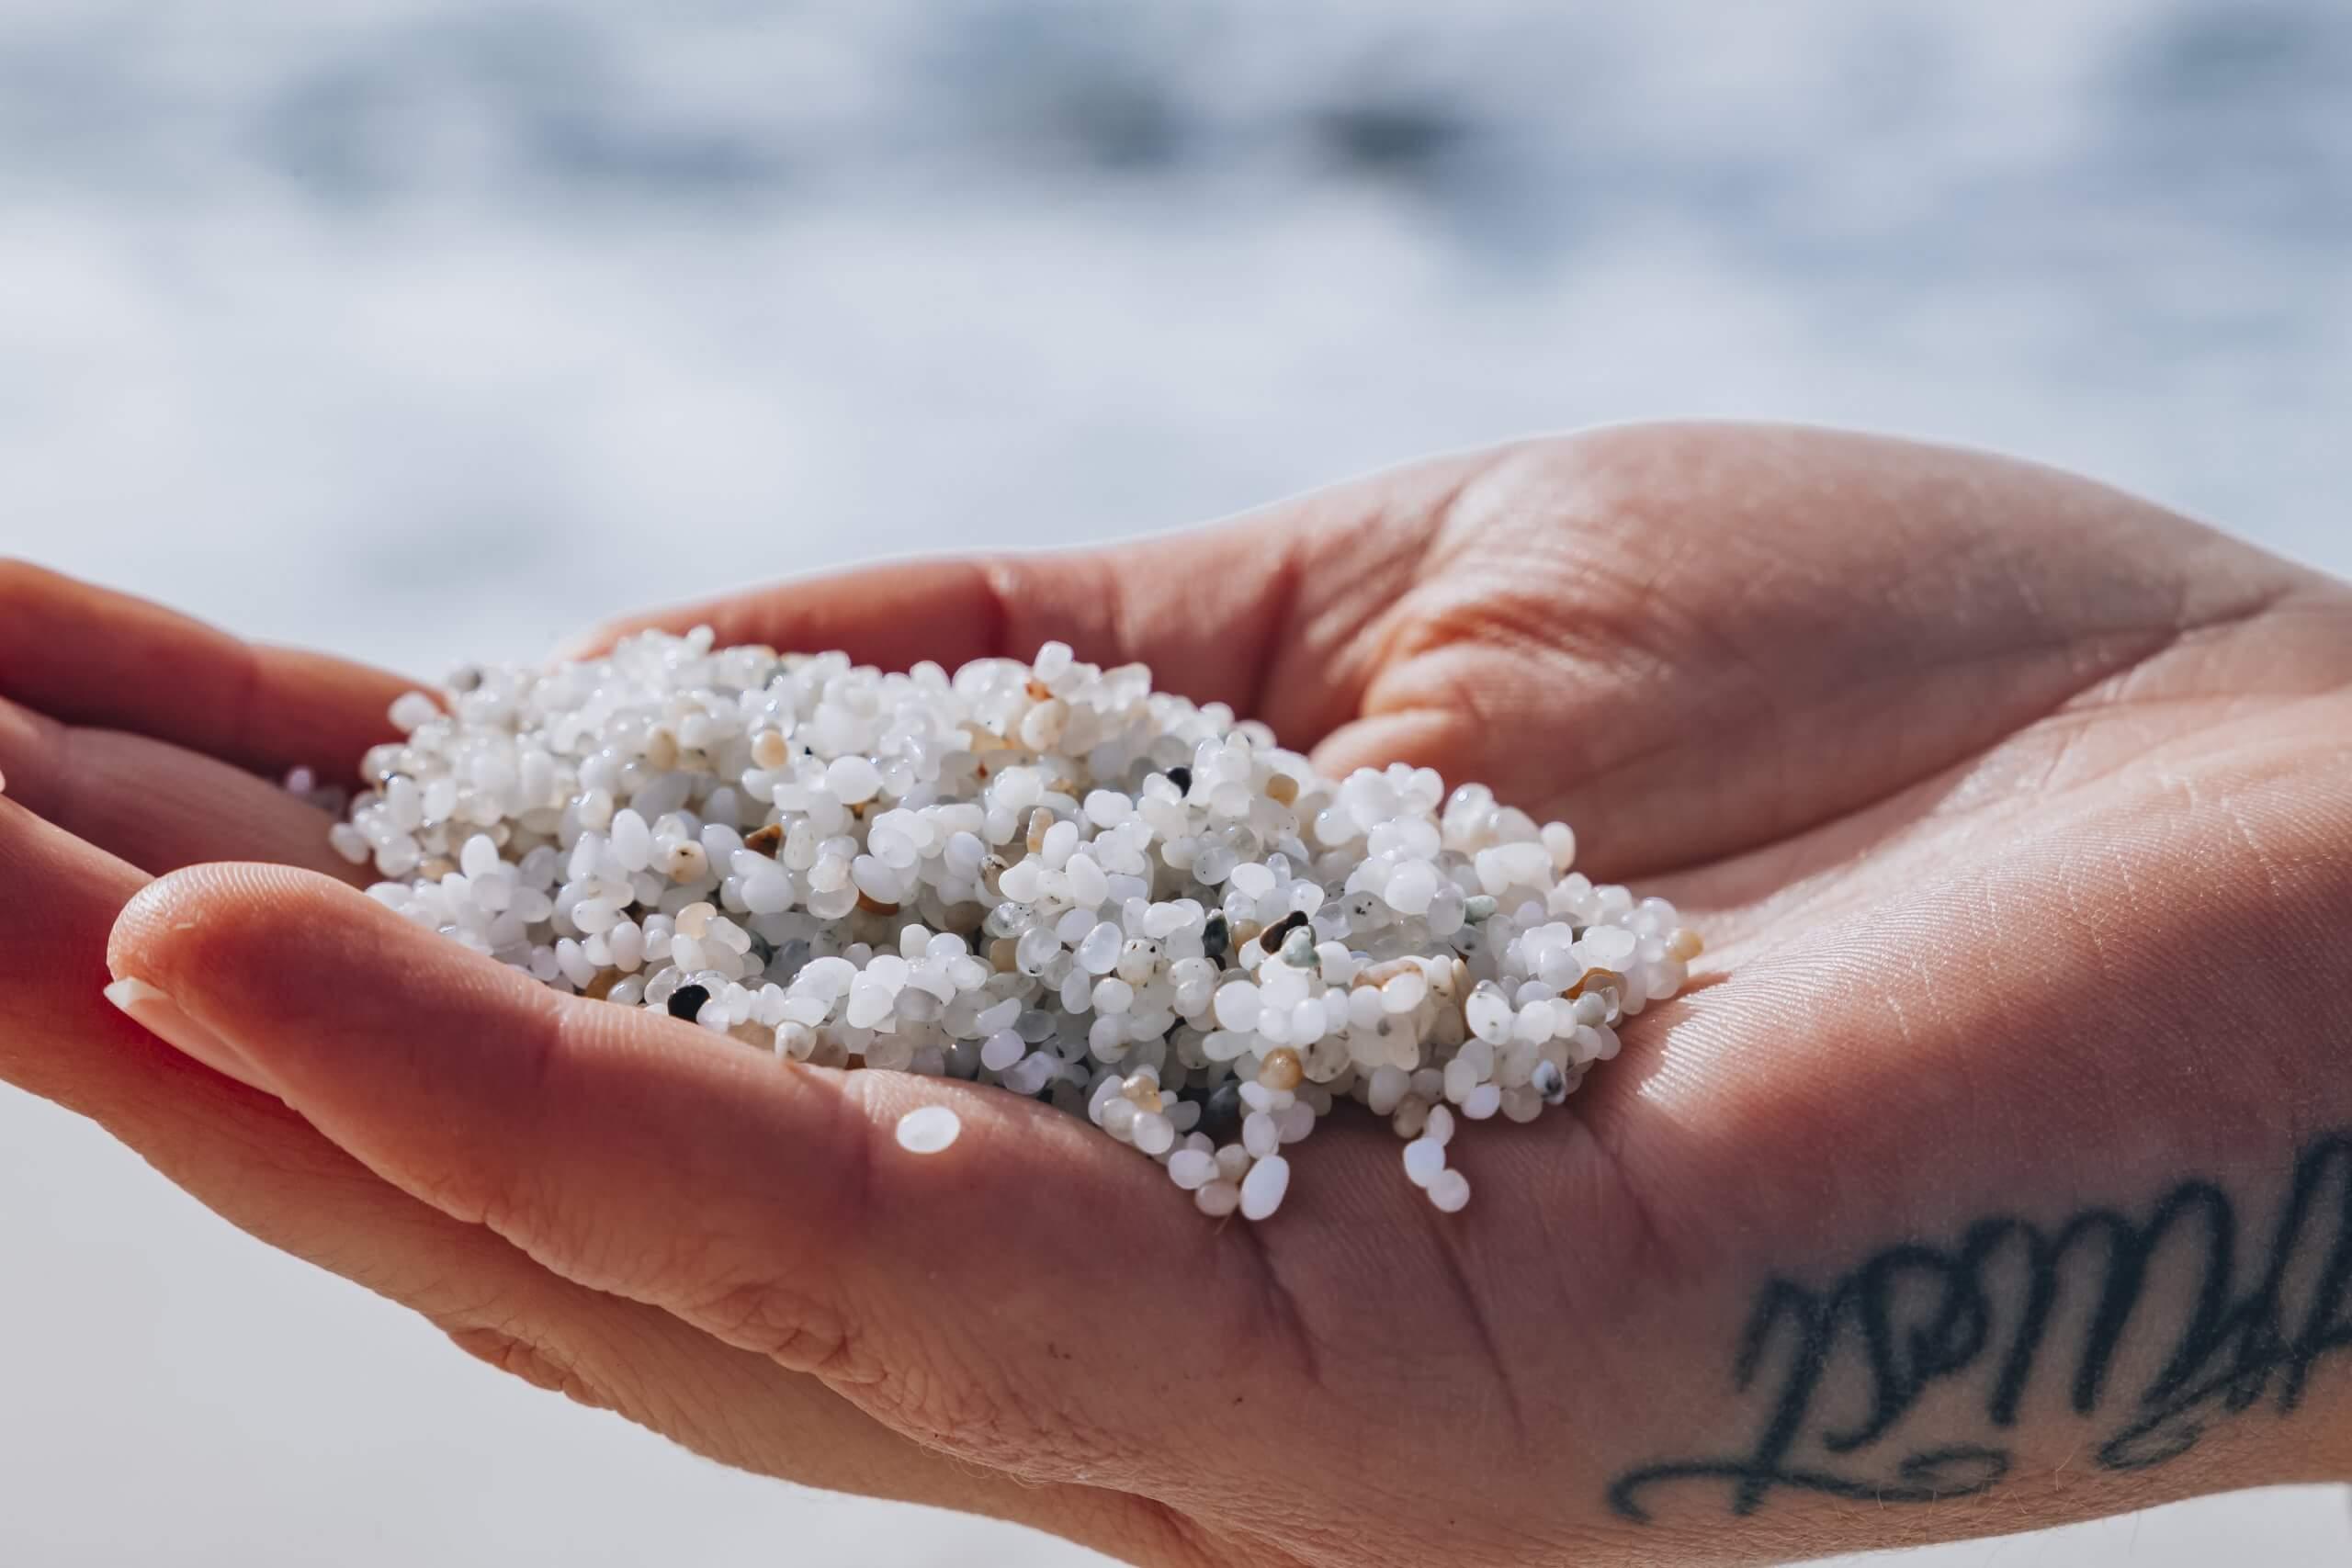 der weiße Sand von Is Aruttas